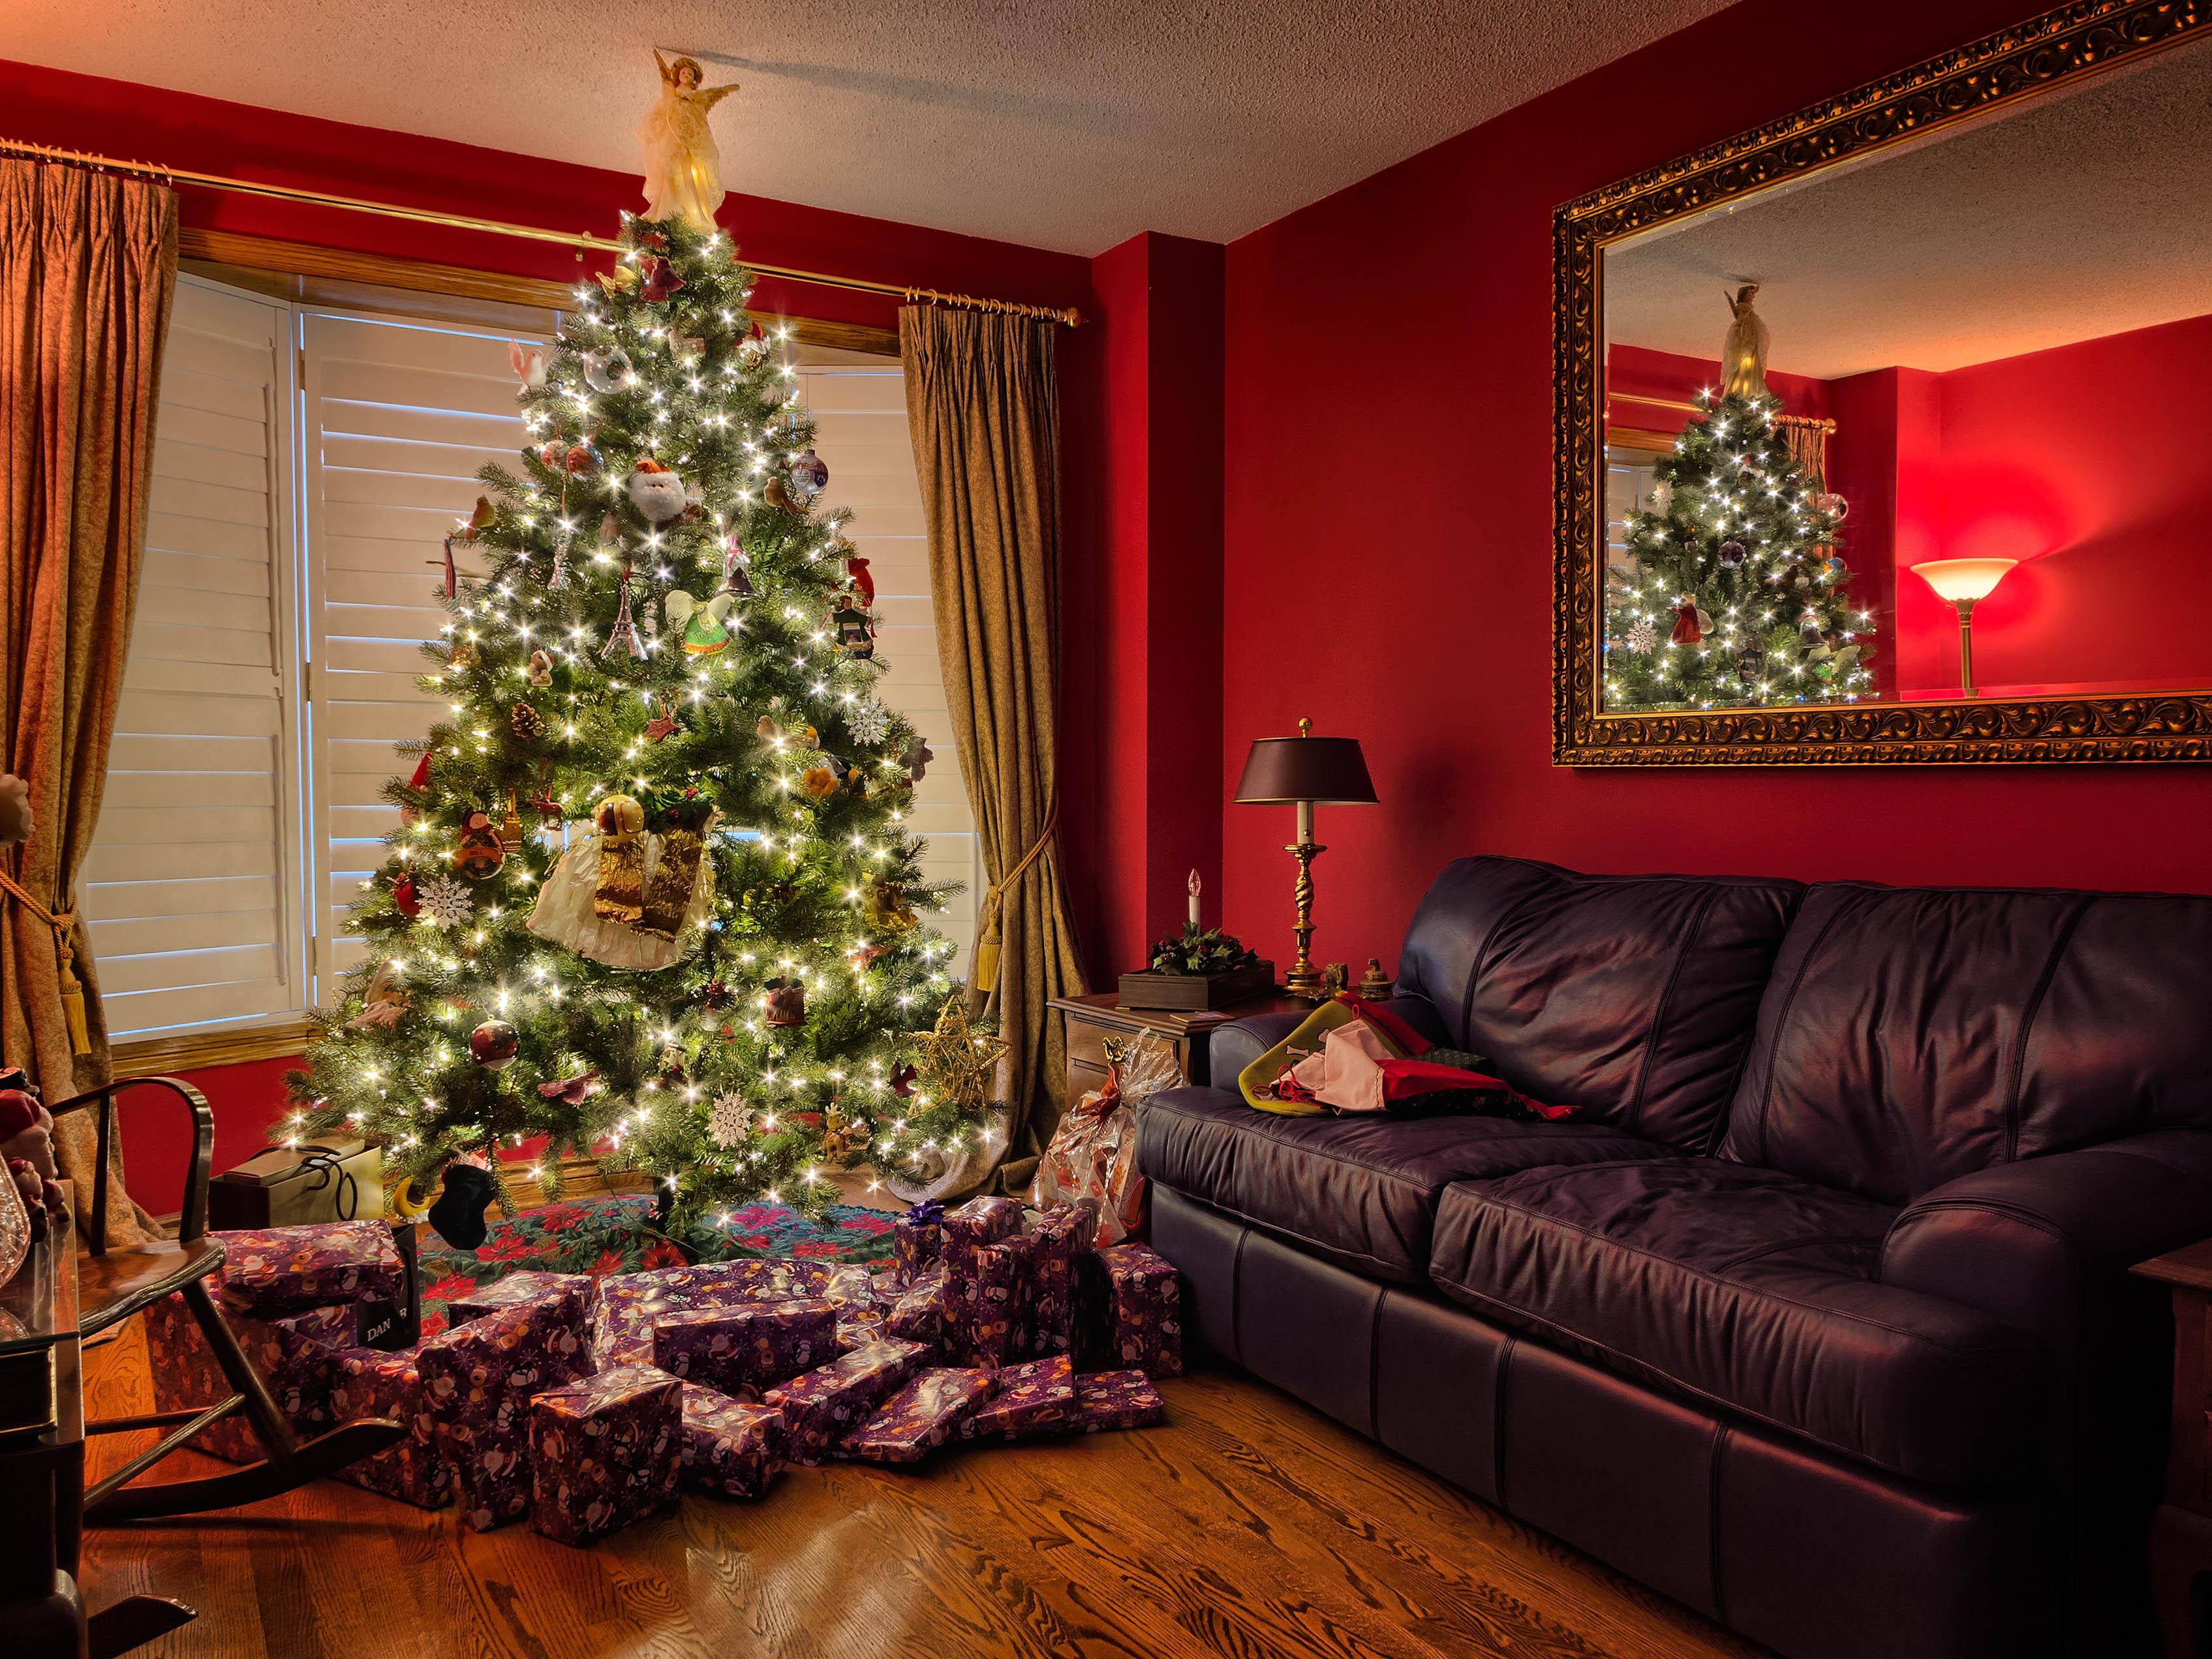 Fotos gratis rojo sala habitaci n rbol de navidad for Luces interiores